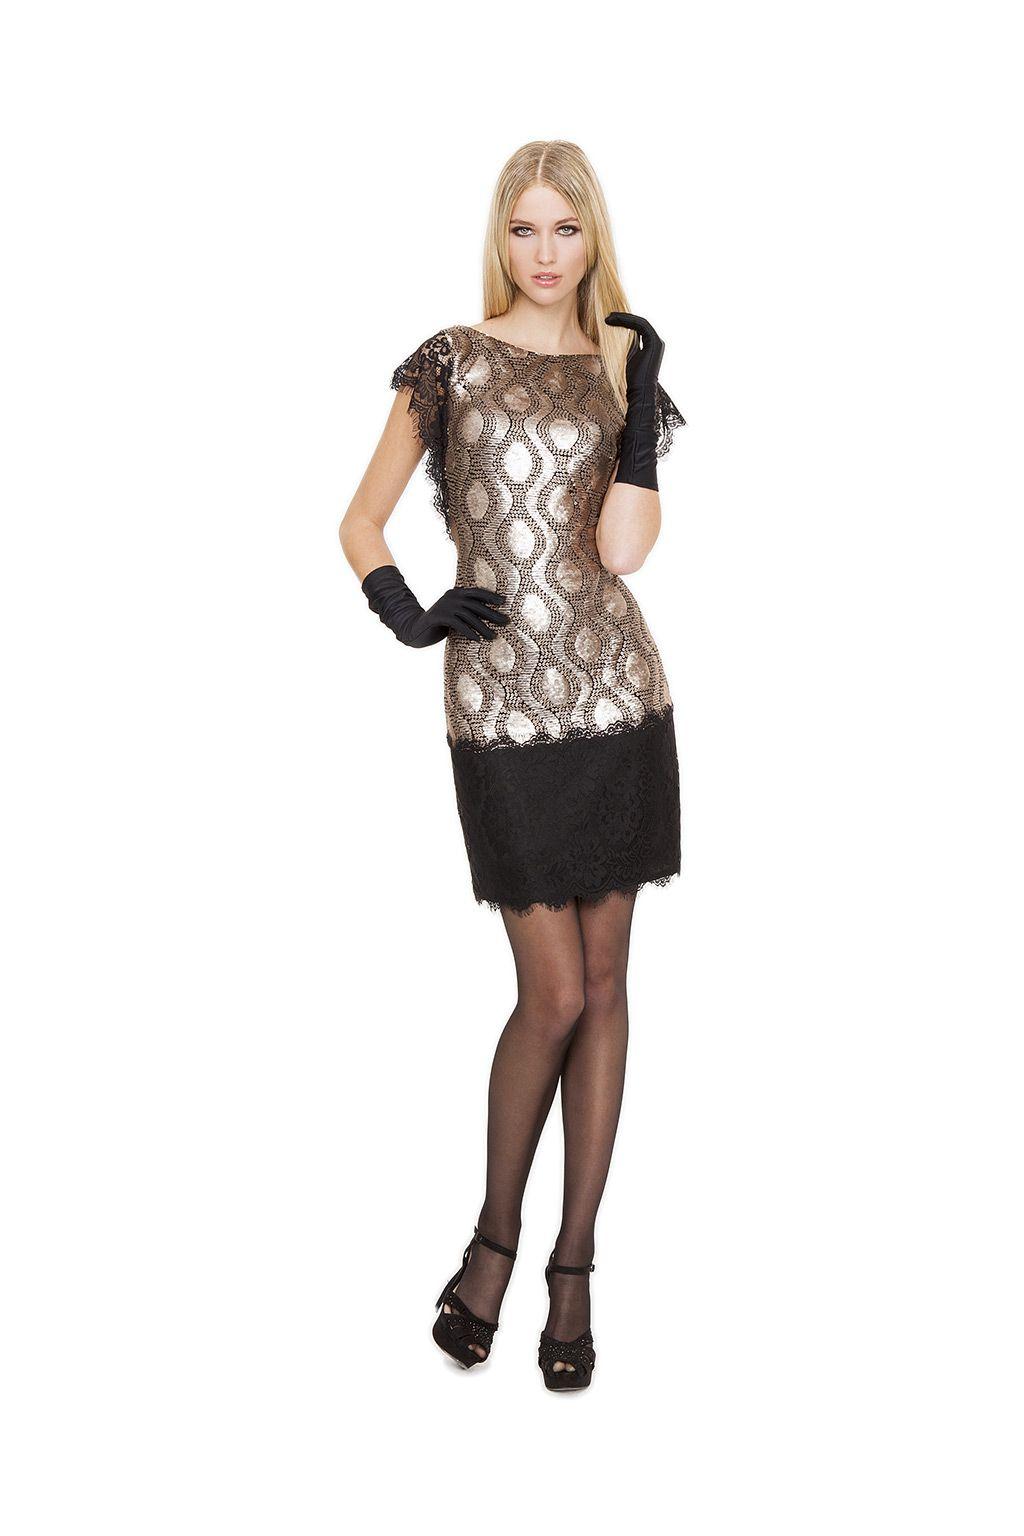 Ver imagenes de vestidos de fiesta de noche